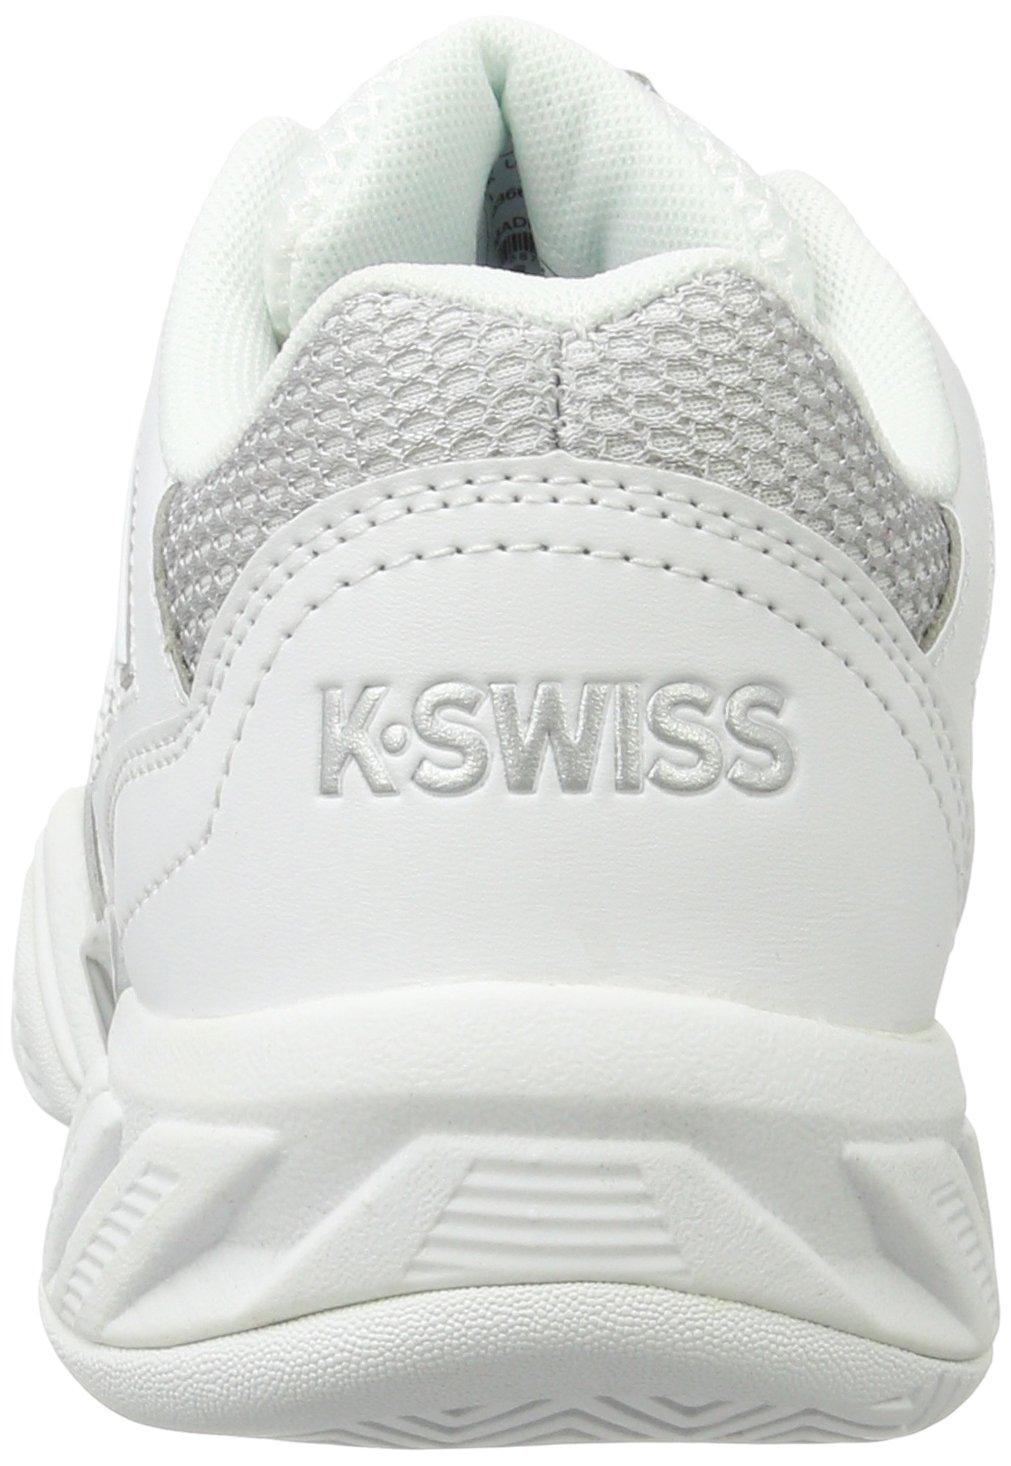 K-Swiss Bigshot Light 3 Womens Tennis Shoe B01M7QIVPL 11 B(M) US|White/Silver